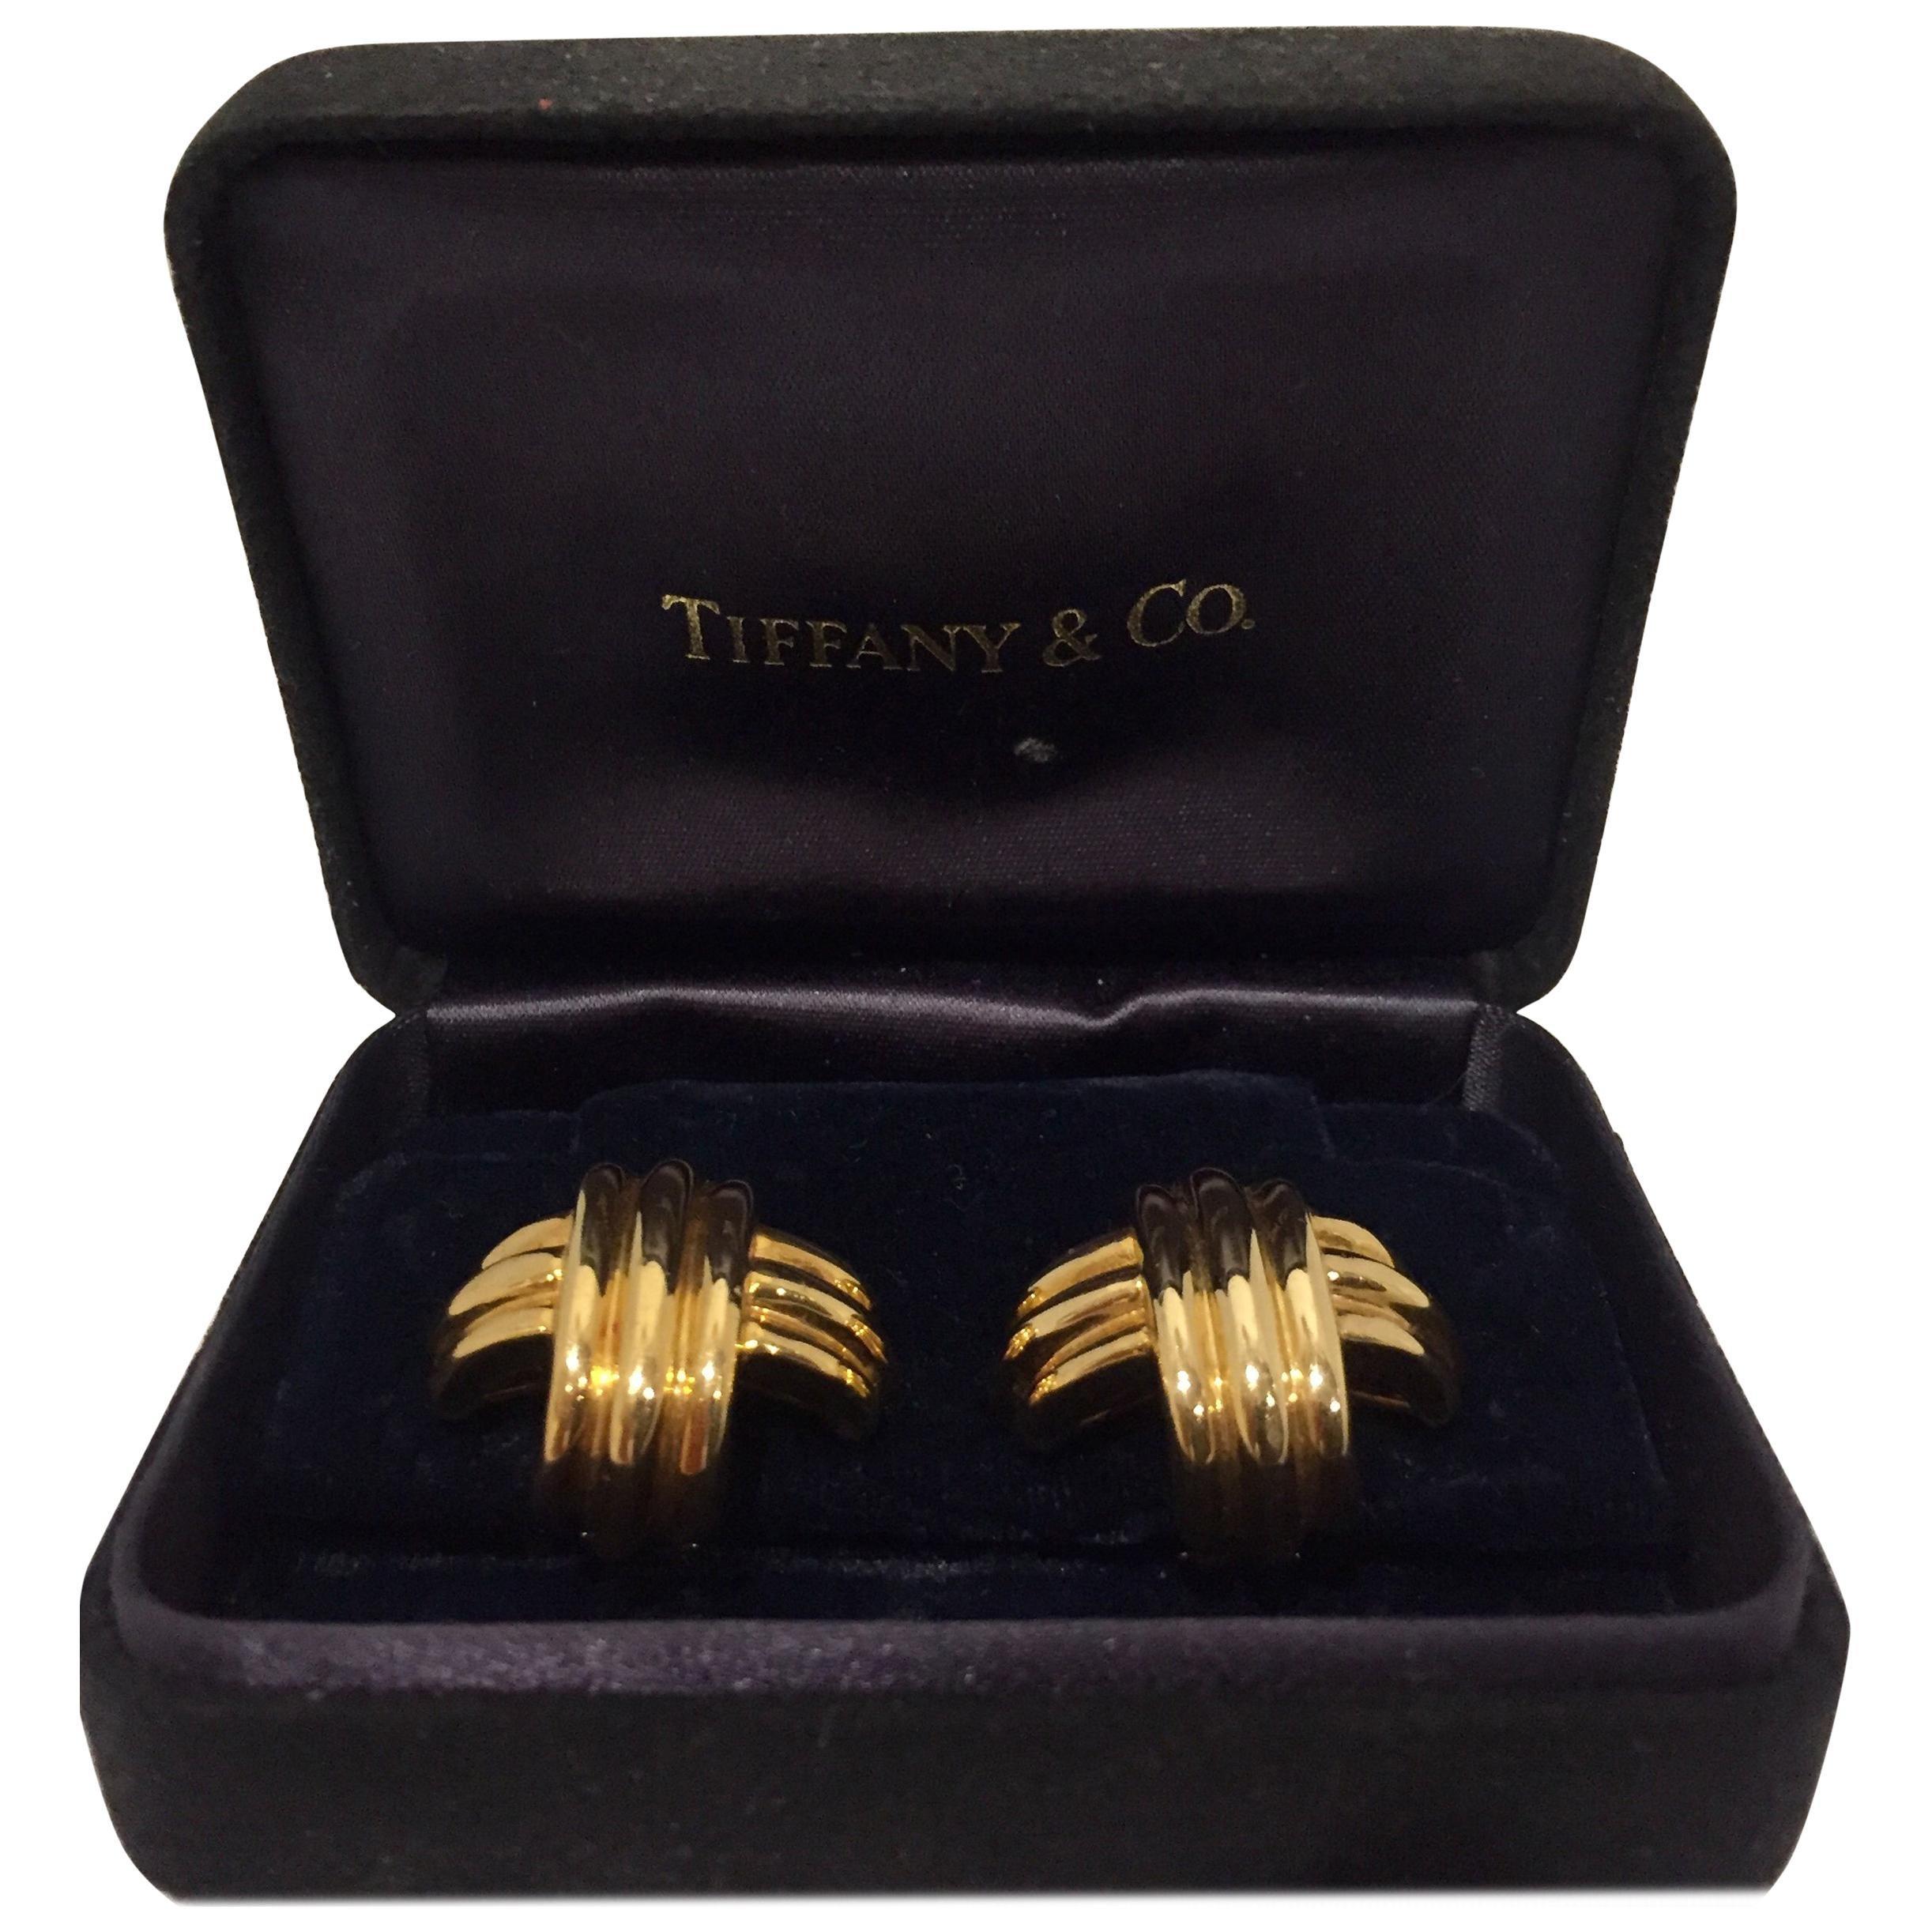 Tiffany & Co. 18 Karat Yellow Gold Cross Earrings